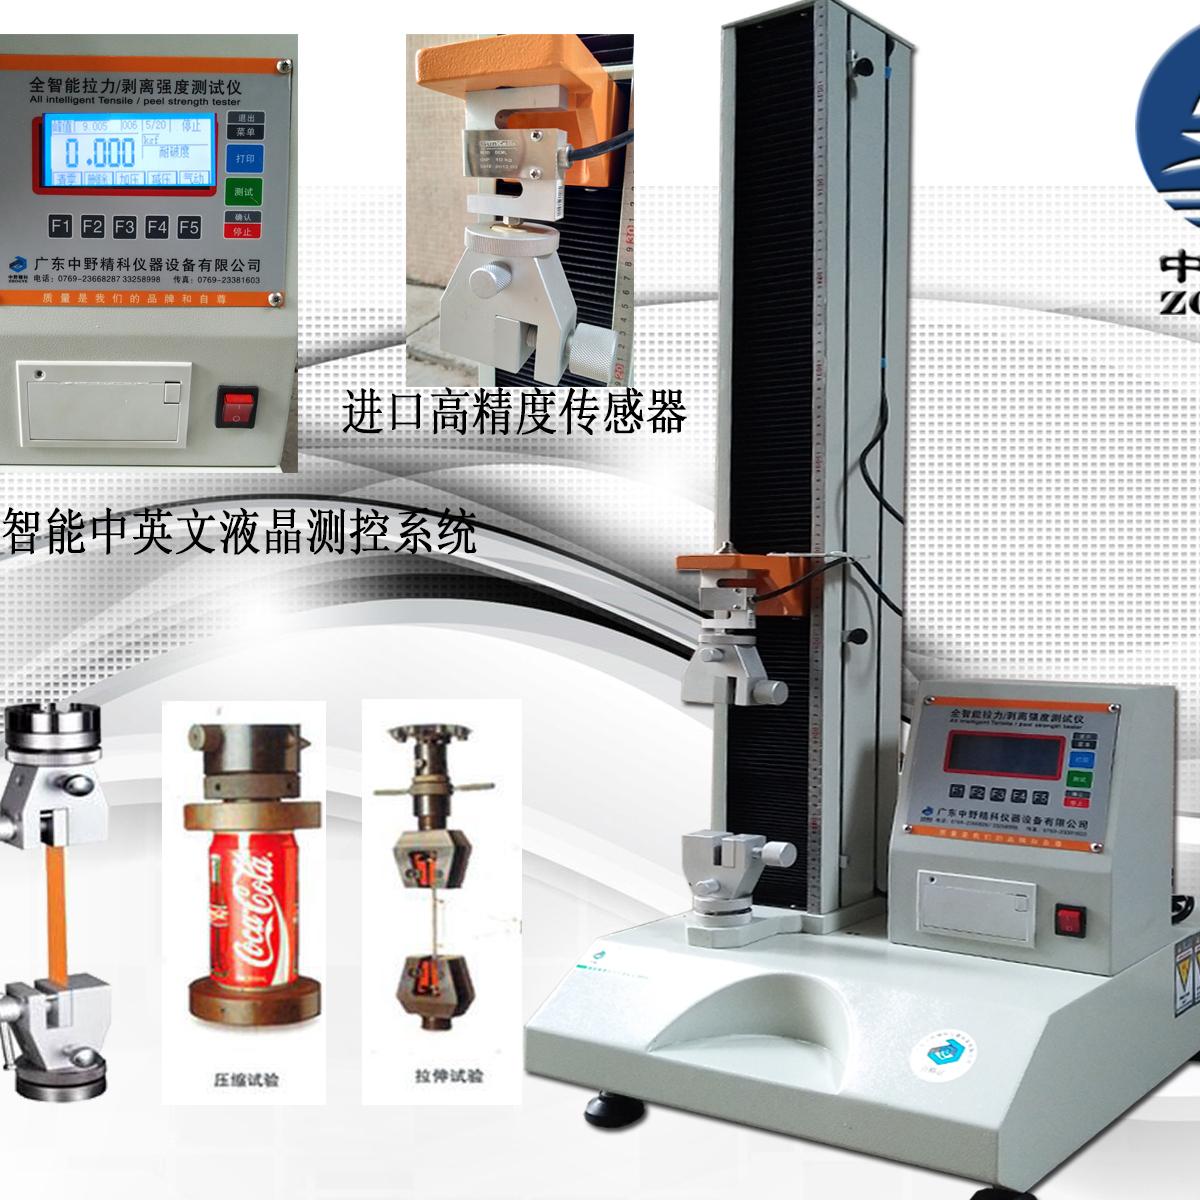 高精度实验室抗张强度试验机 深圳试验仪 中益创天